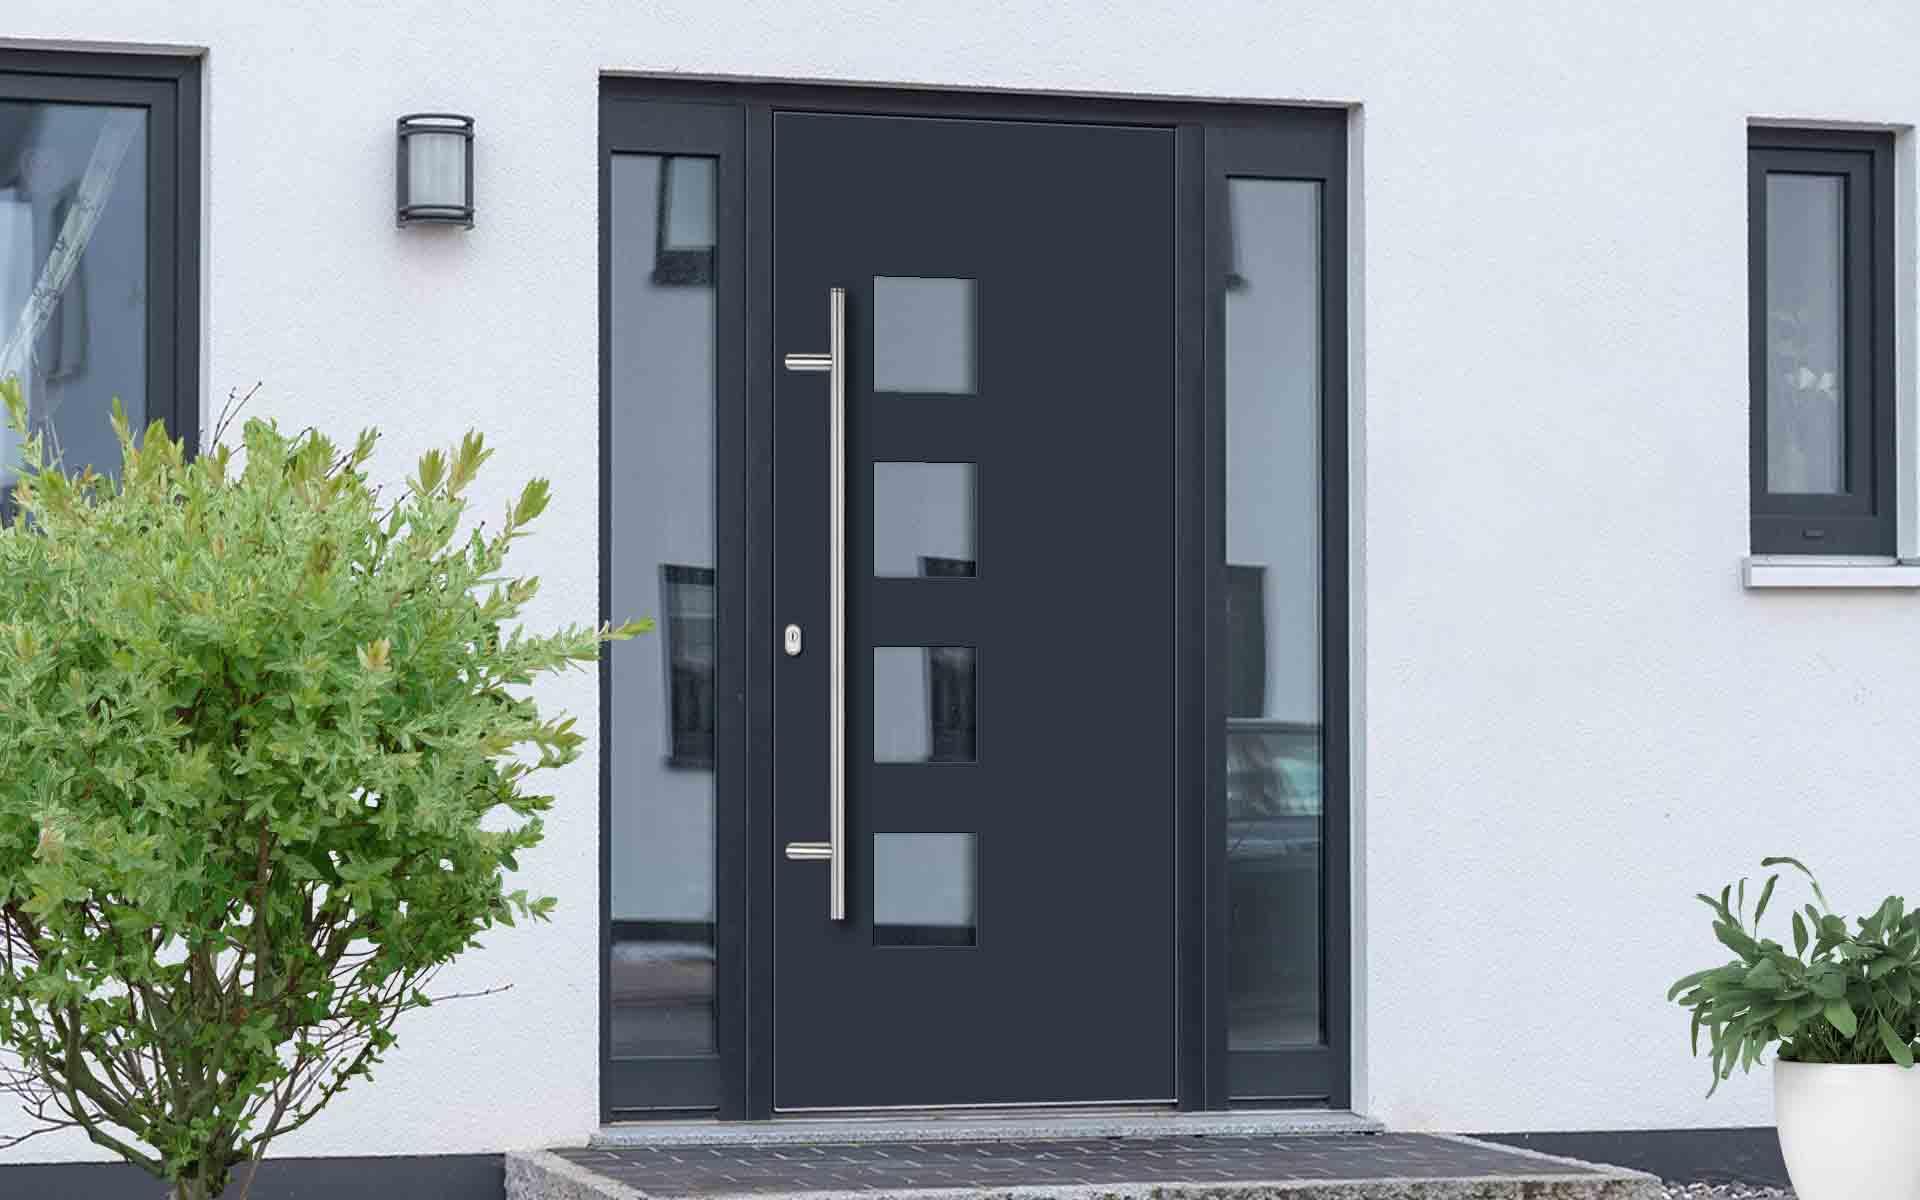 Aké vchodové dvere do domu si kúpiť?